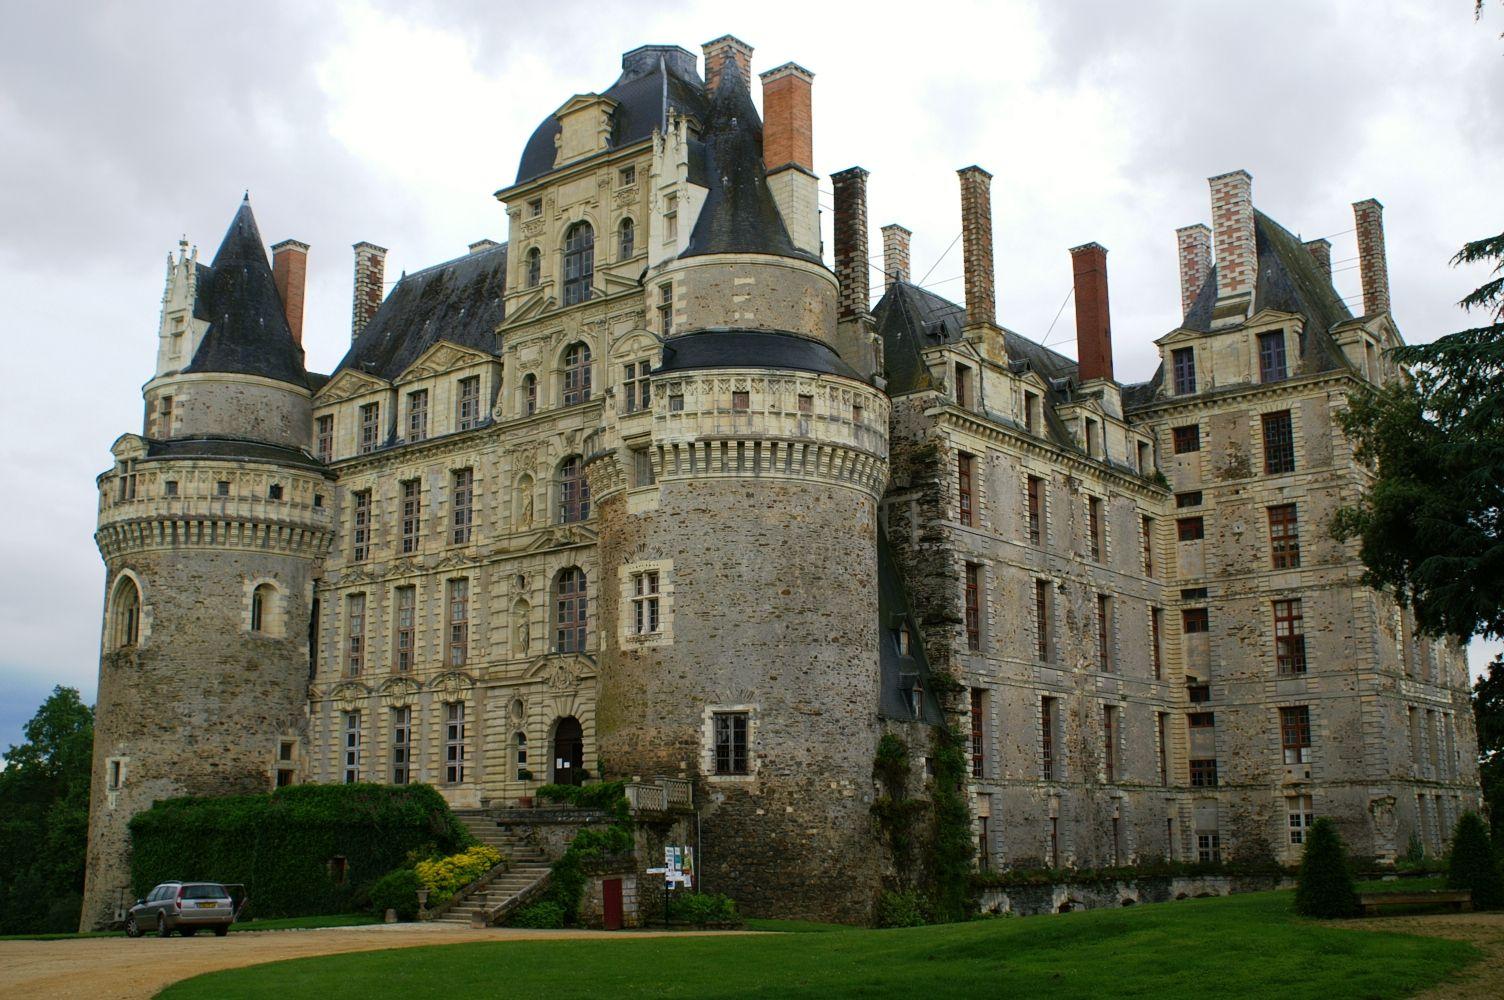 Château de Brissac | Haunted castle, Castle, French castles